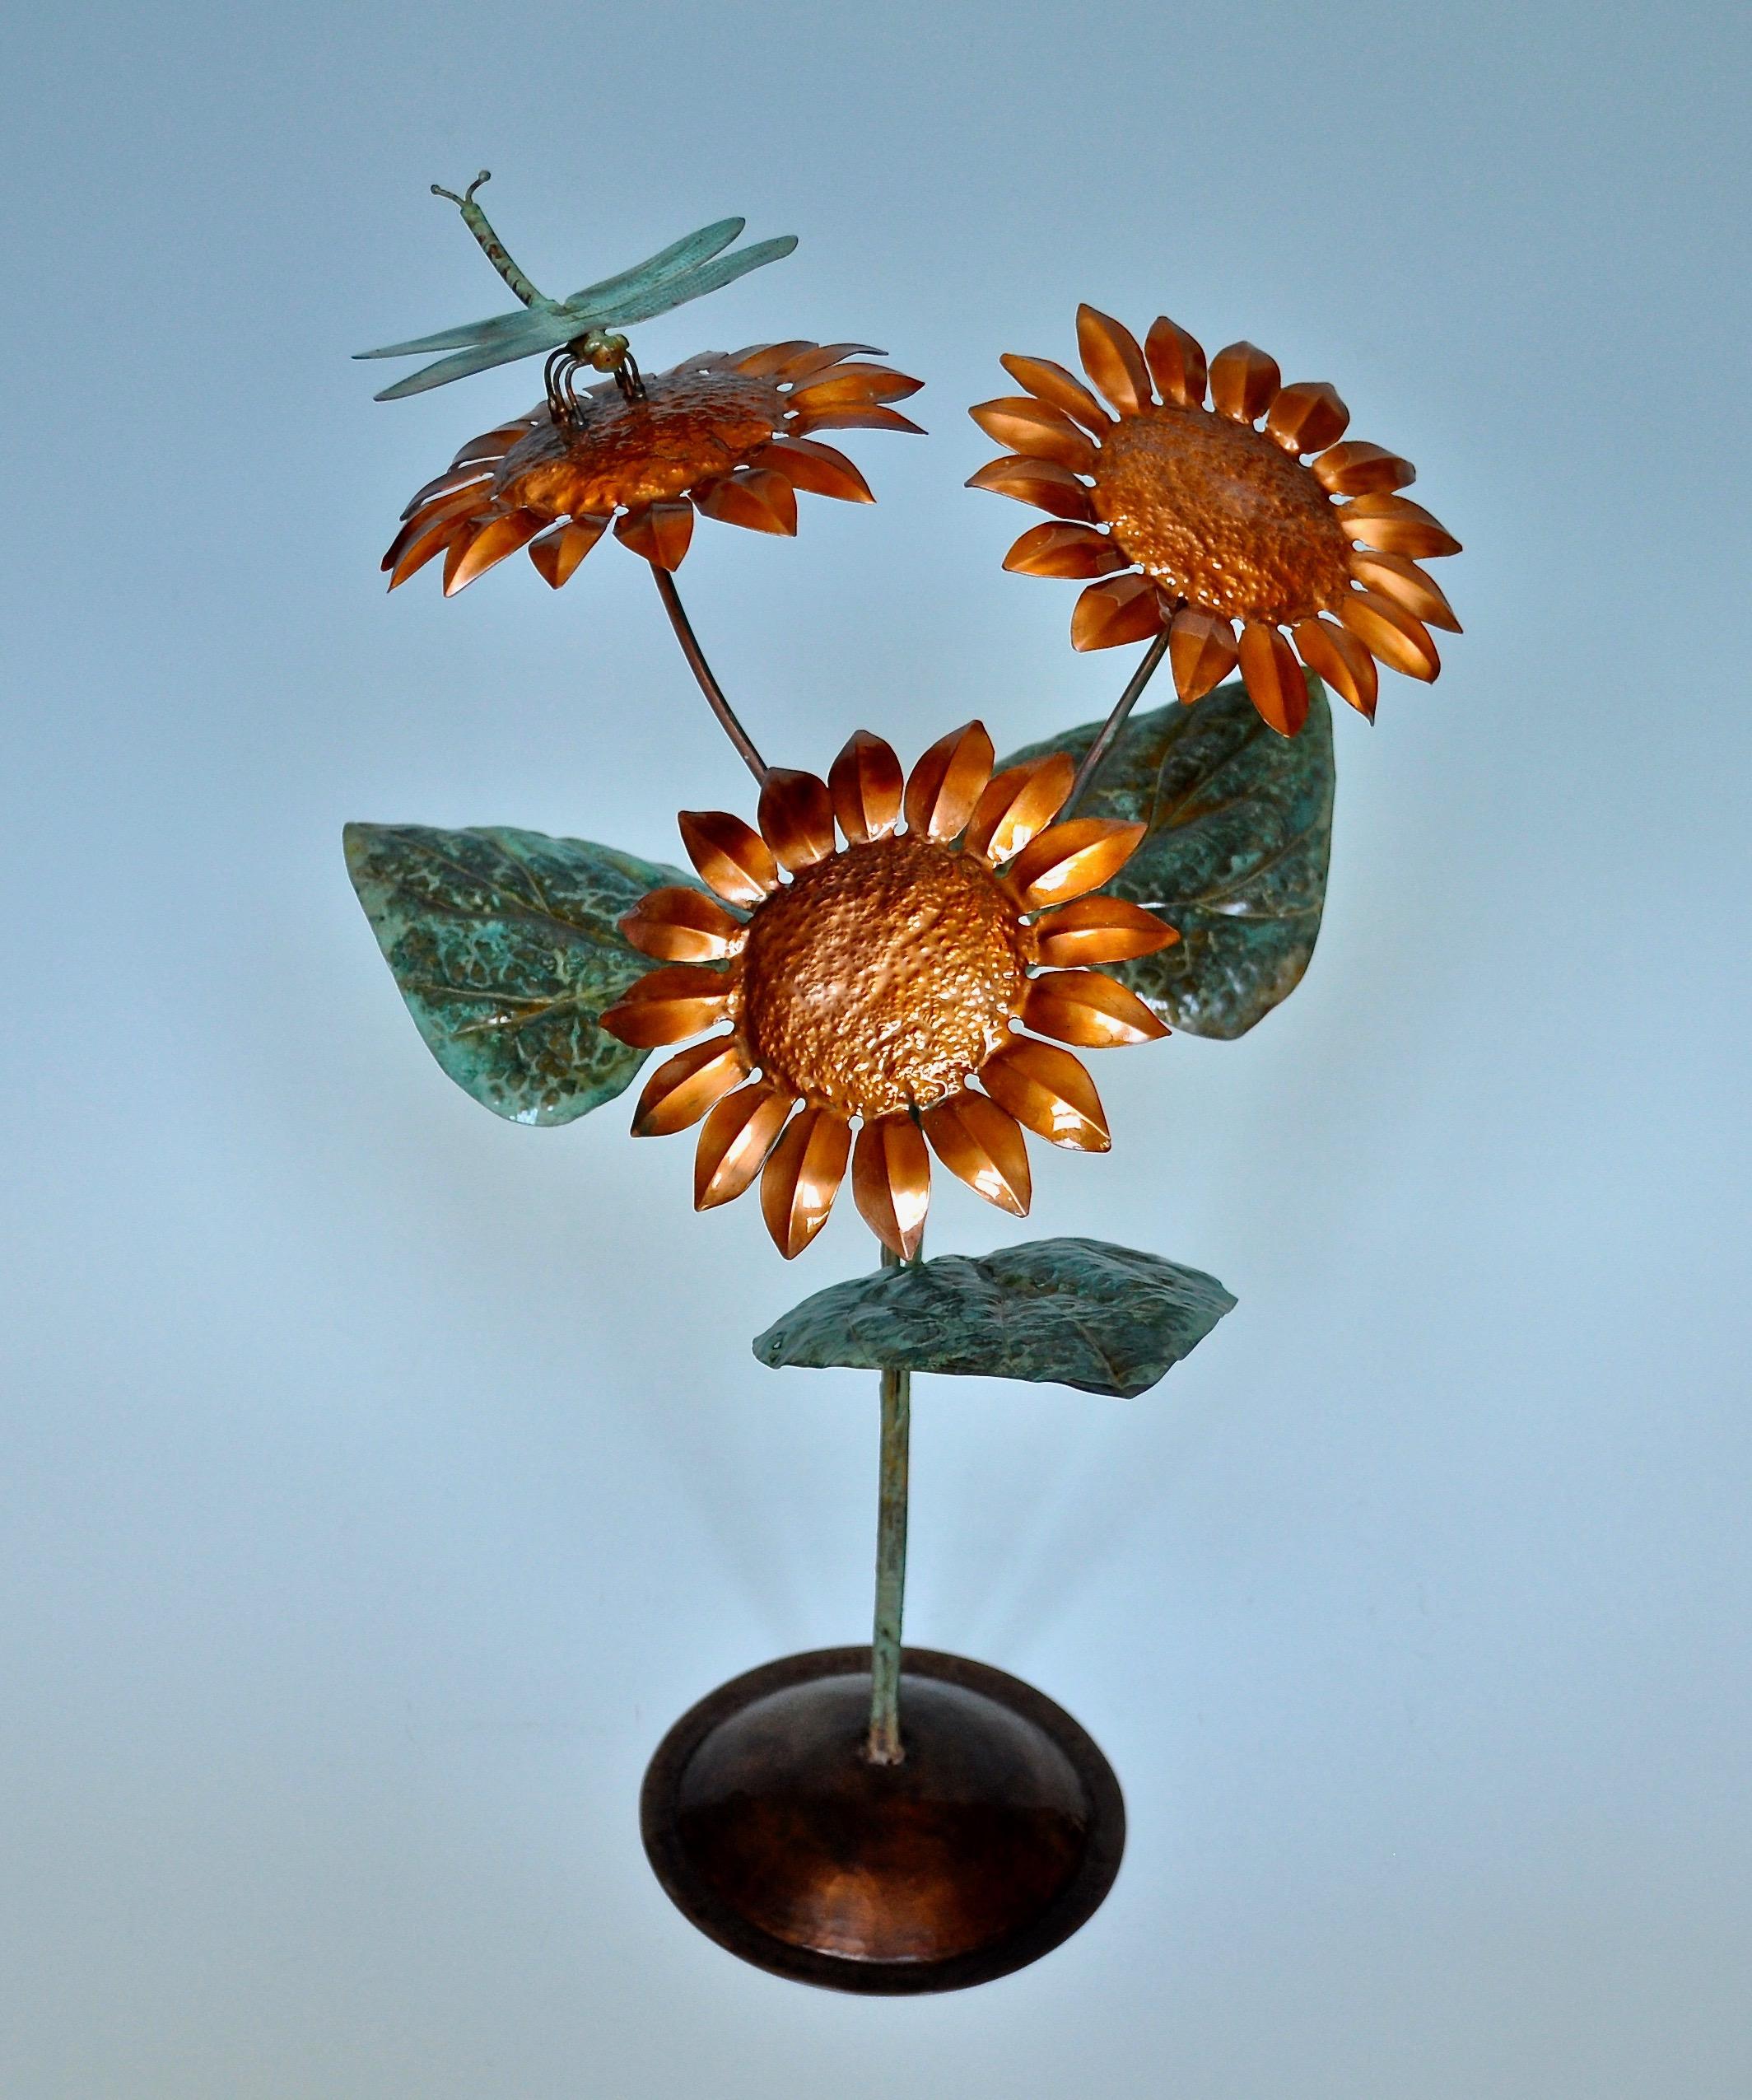 Sunflower Sculpture